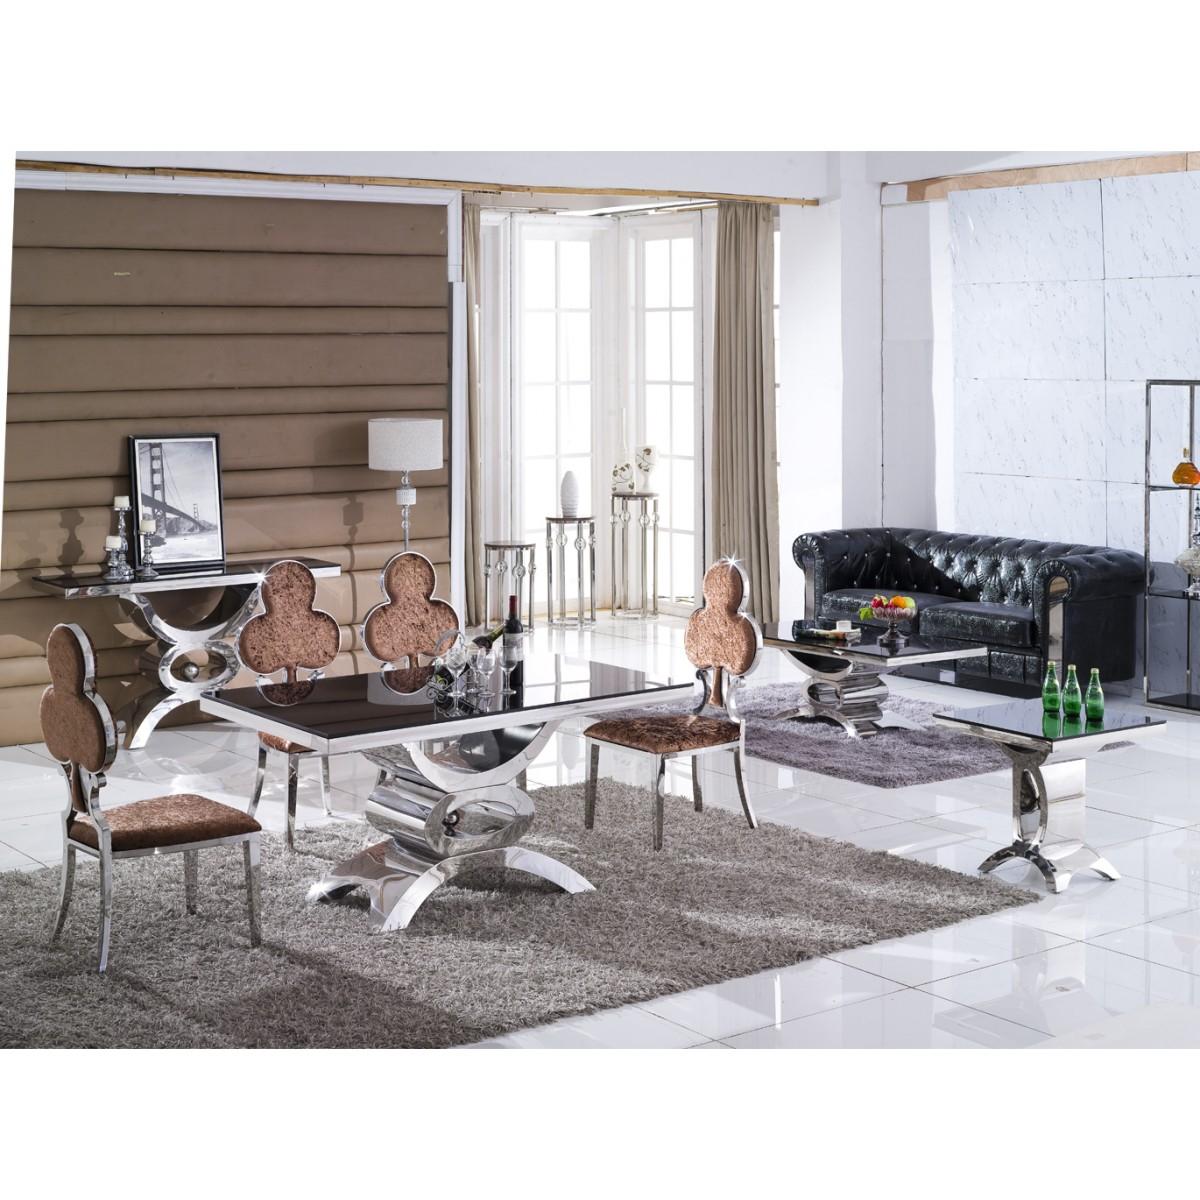 Table de salle manger en inox et verre marbre jaipur - Tables en verre salle a manger ...